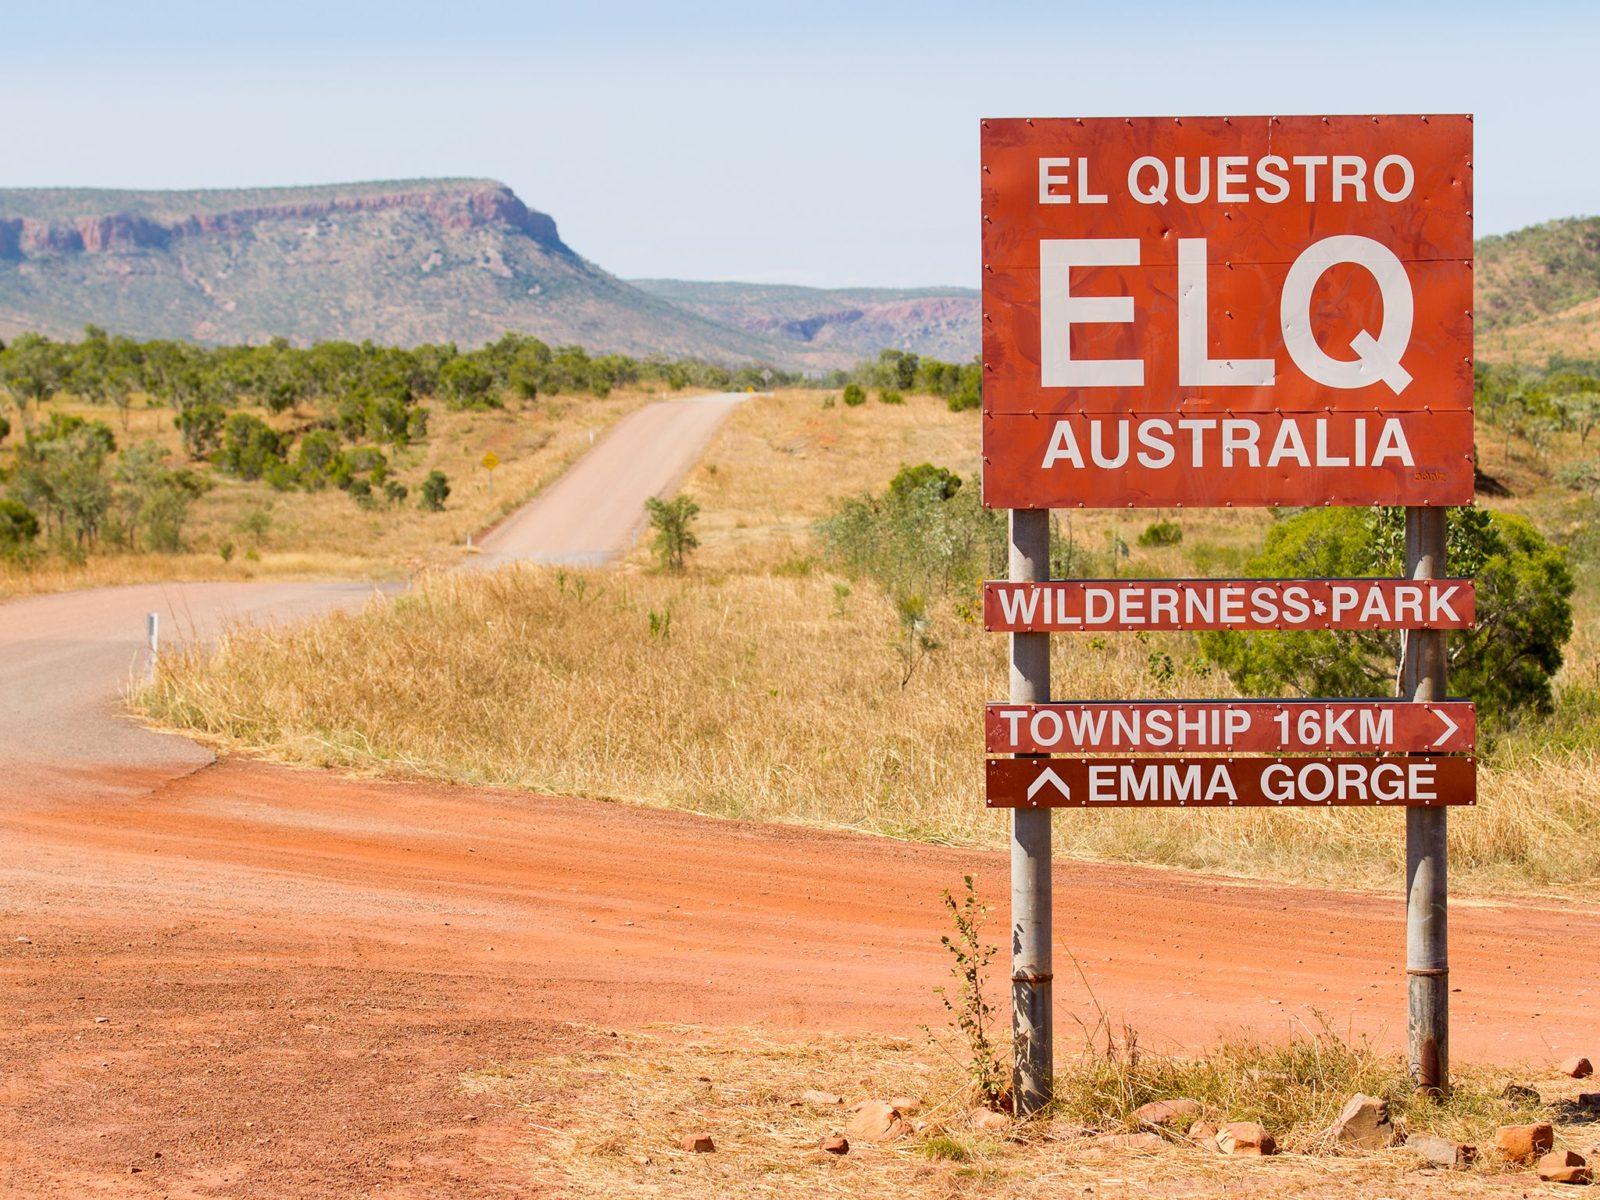 El Questro Station, Kununurra, Western Australia